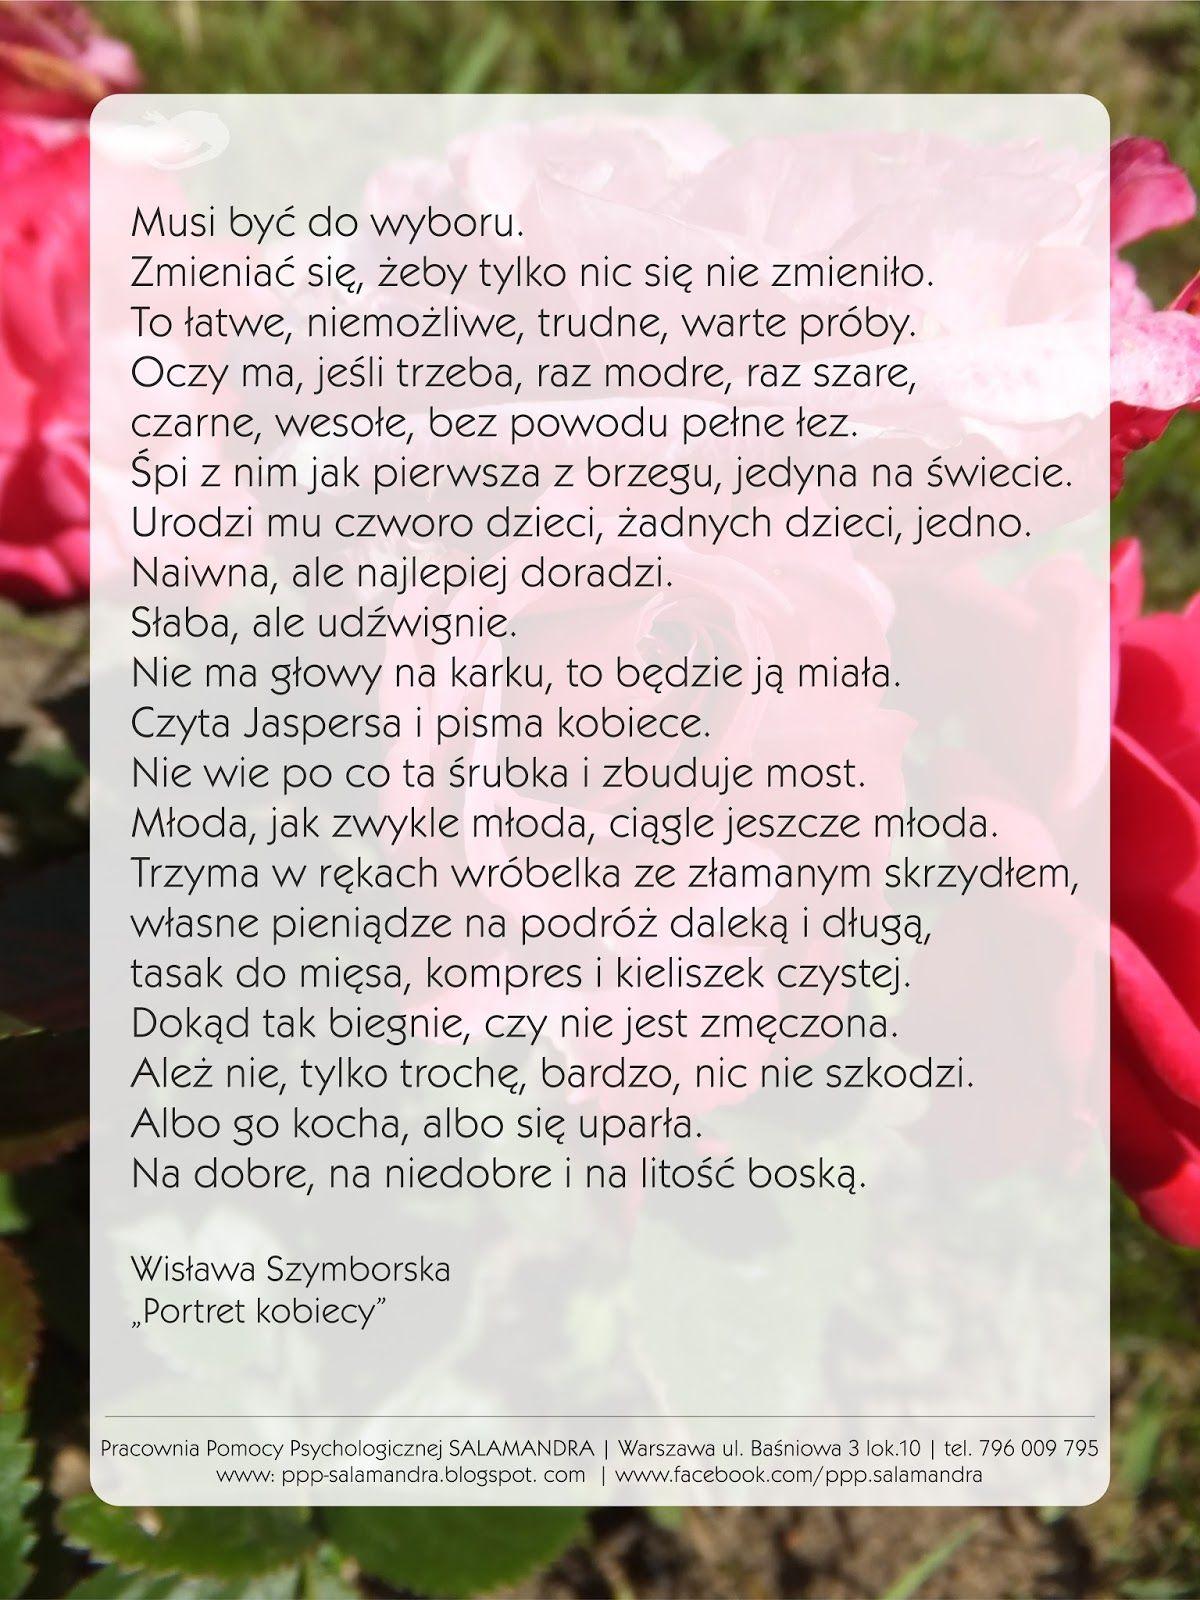 Wisława Szymborska Wiersz Na Dzień Kobiet 2018